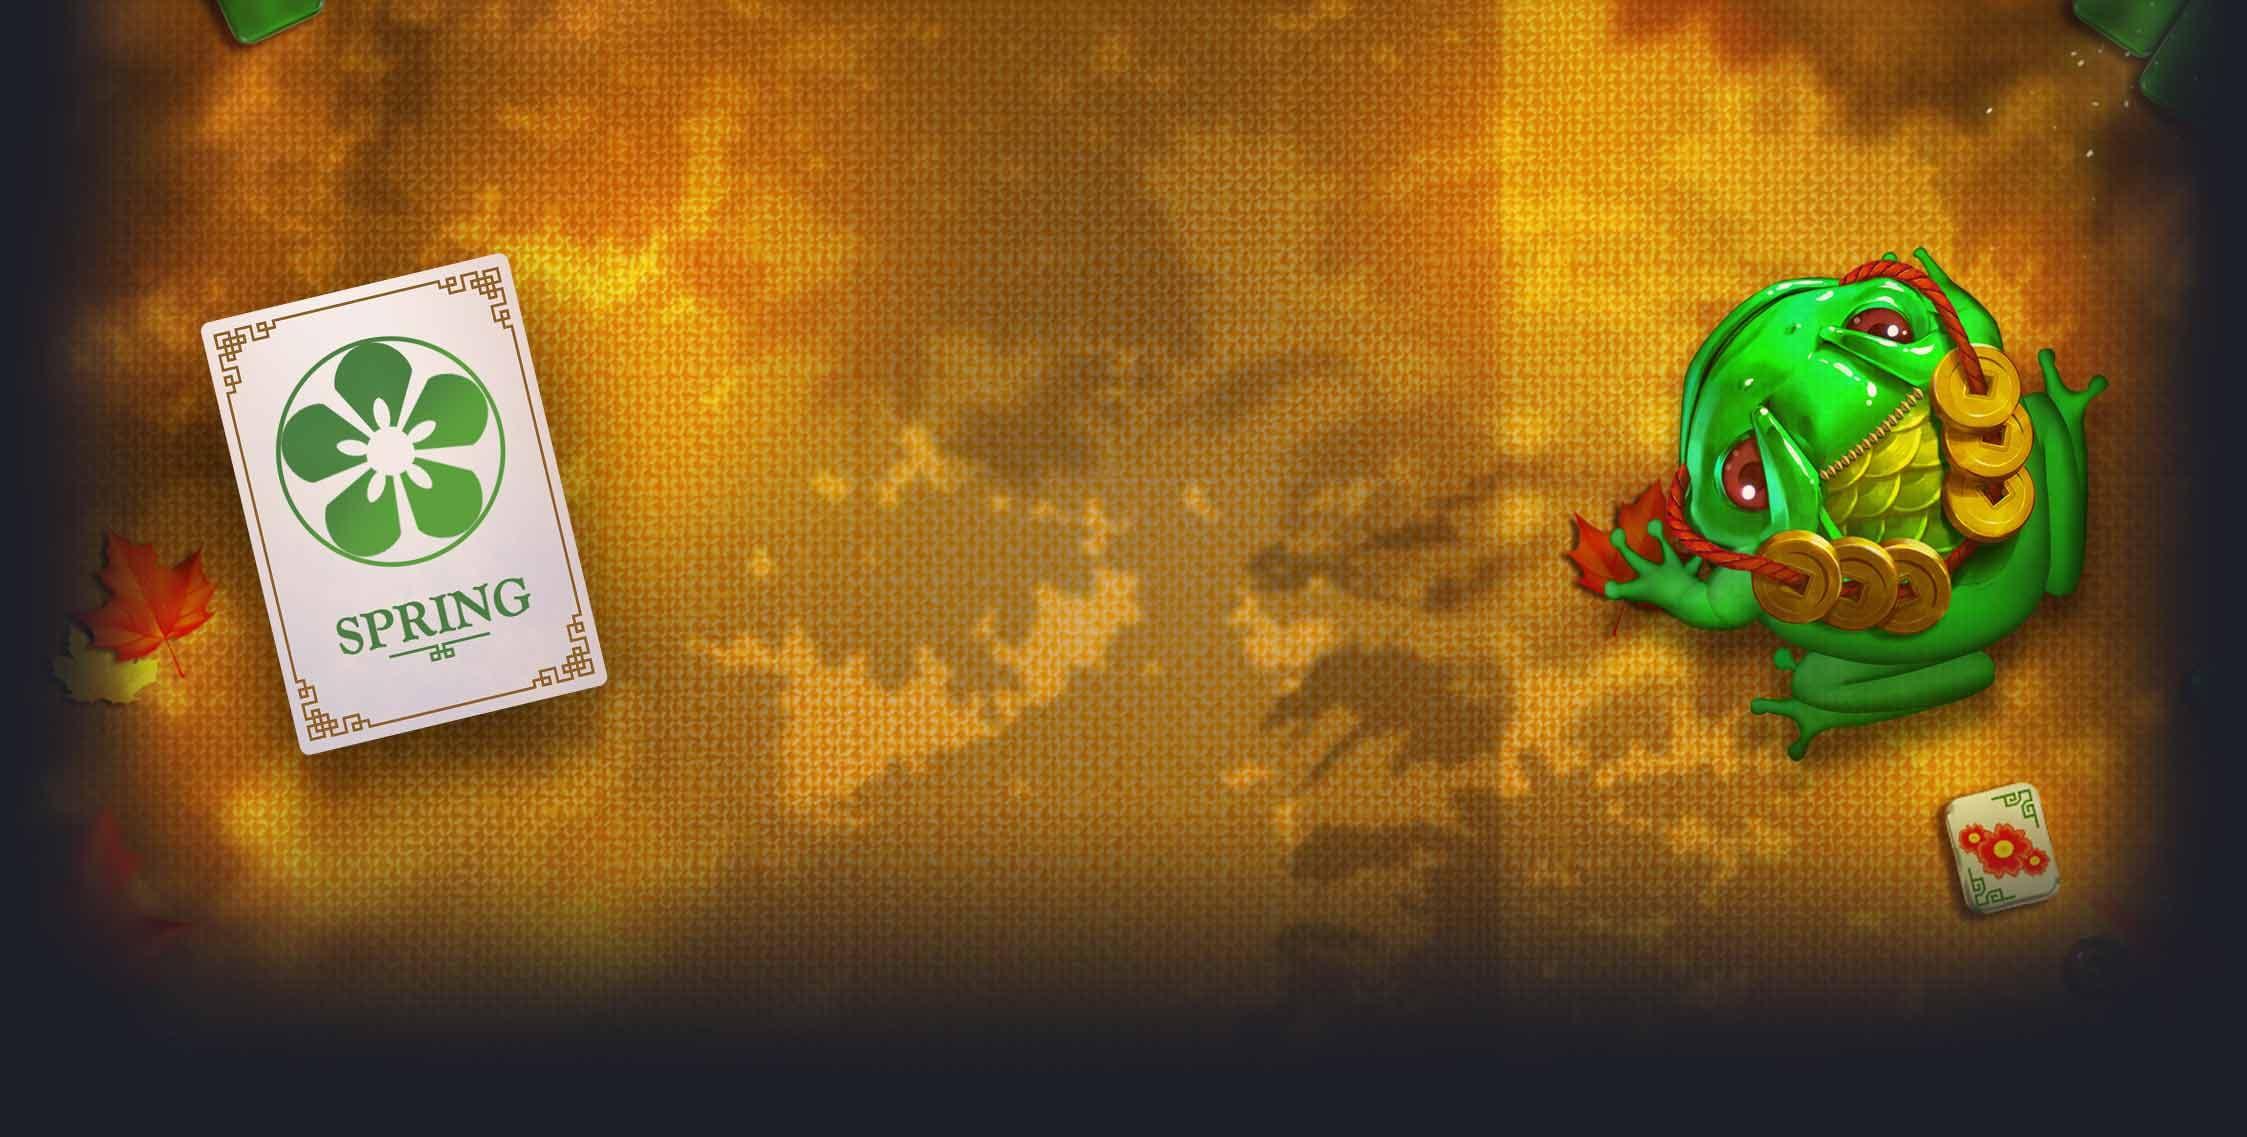 Everything begins at spring at Mahjong 88 Slots